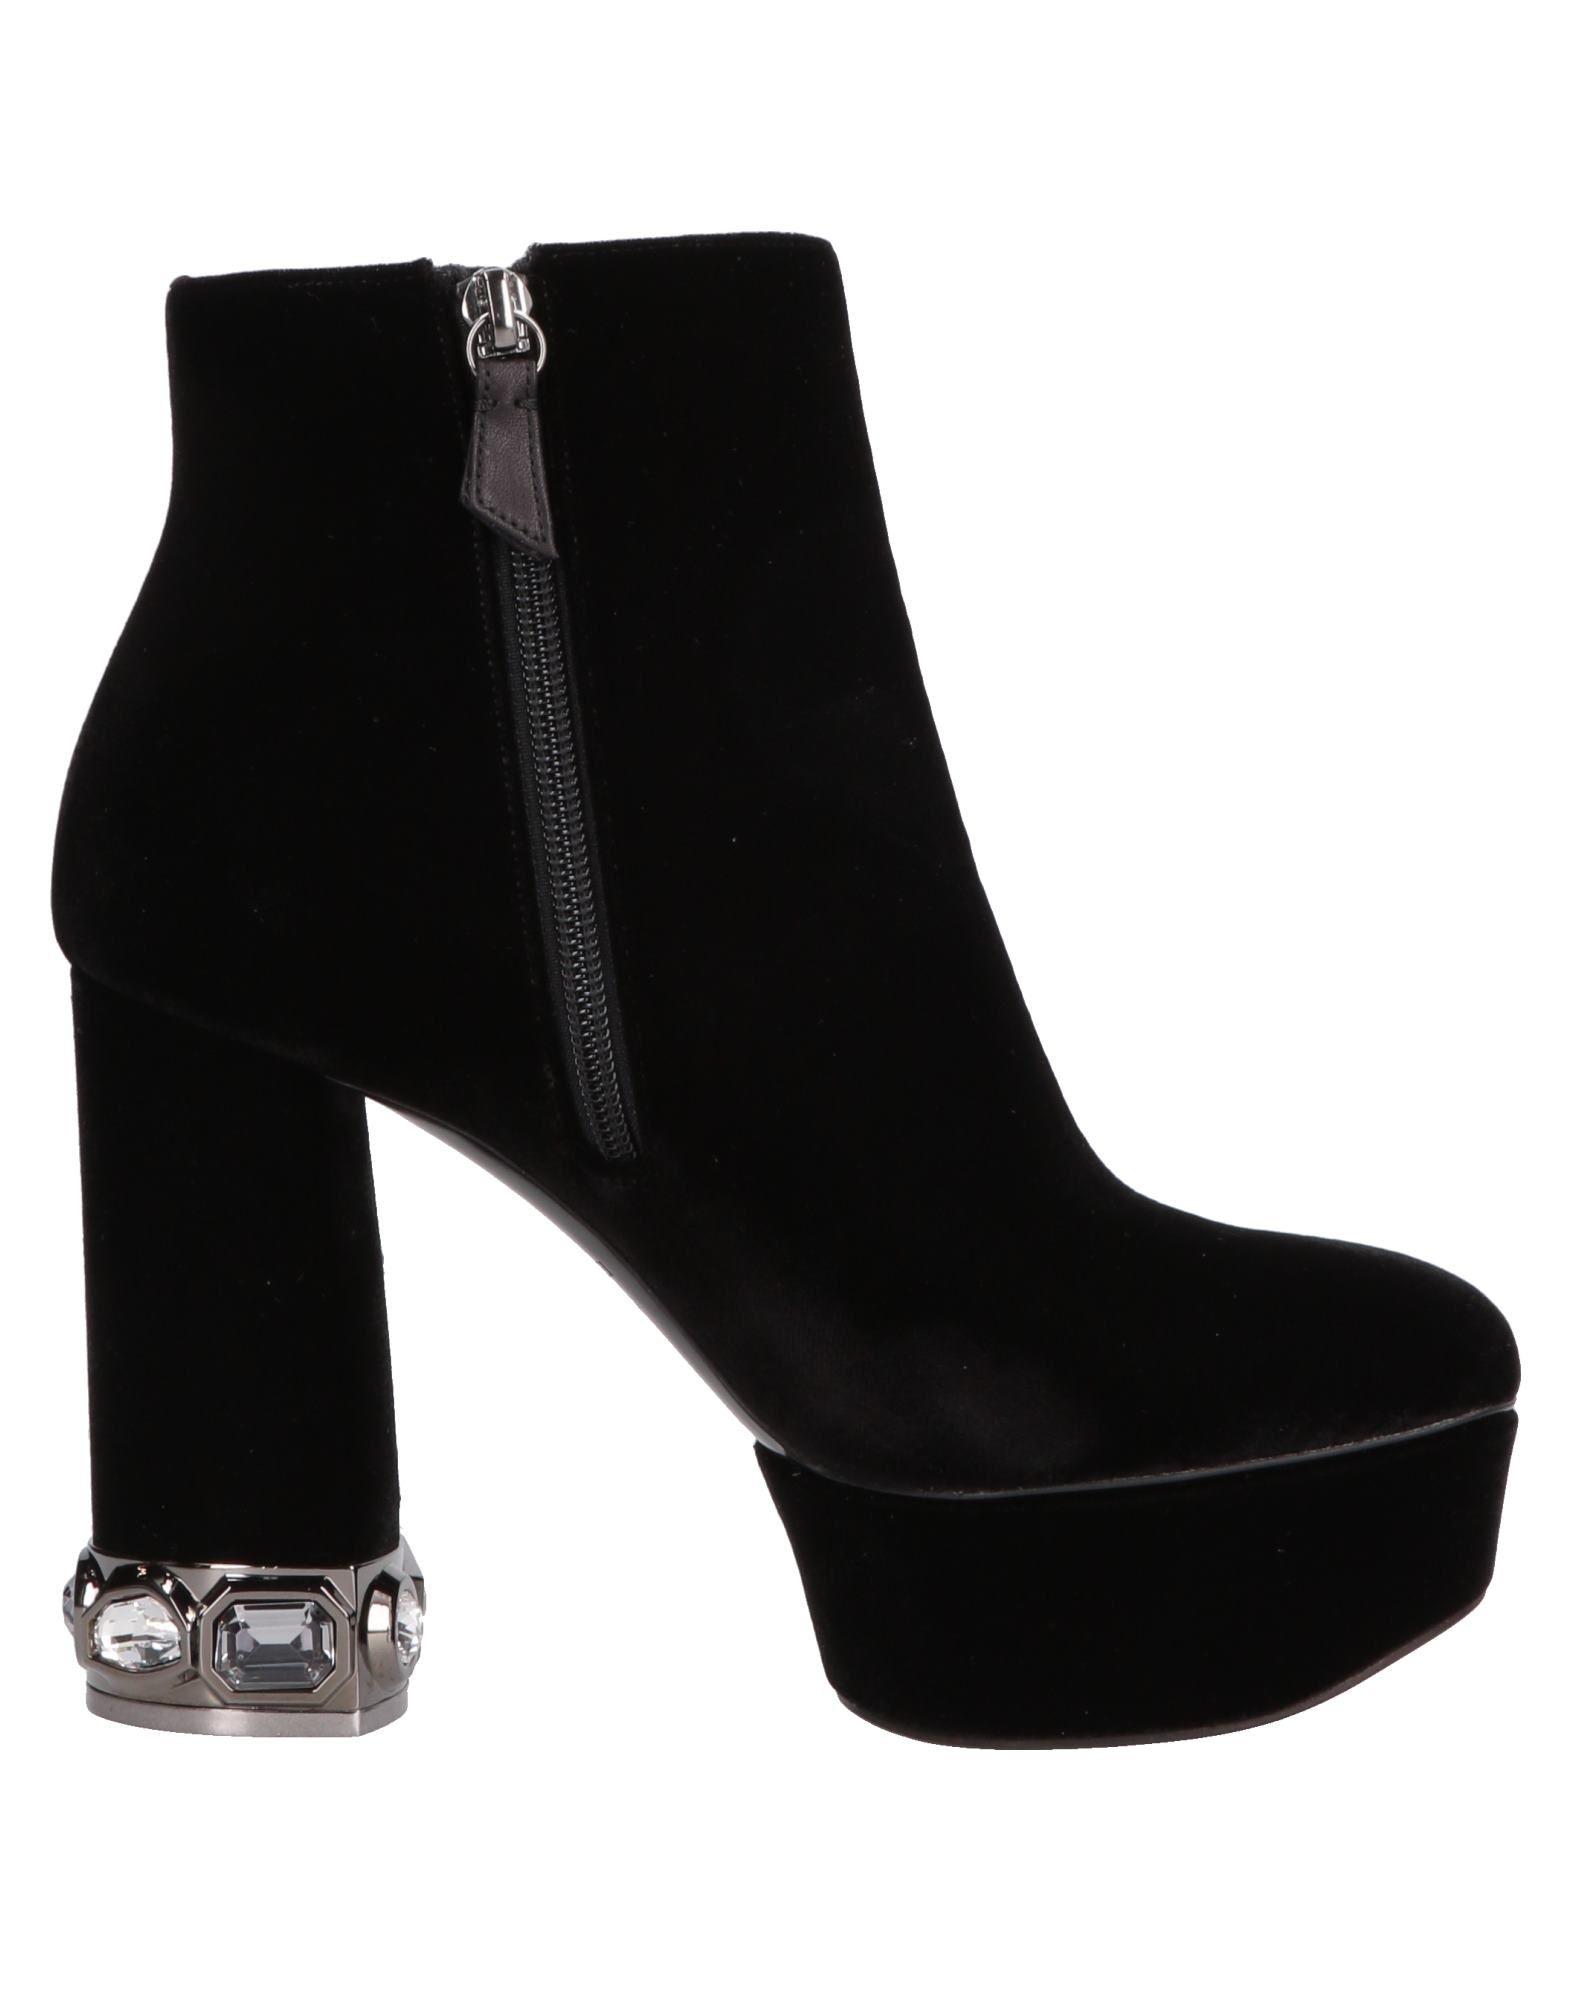 Bottine Casadei Femme - Bottines Casadei Noir Dernières chaussures discount pour hommes et femmes